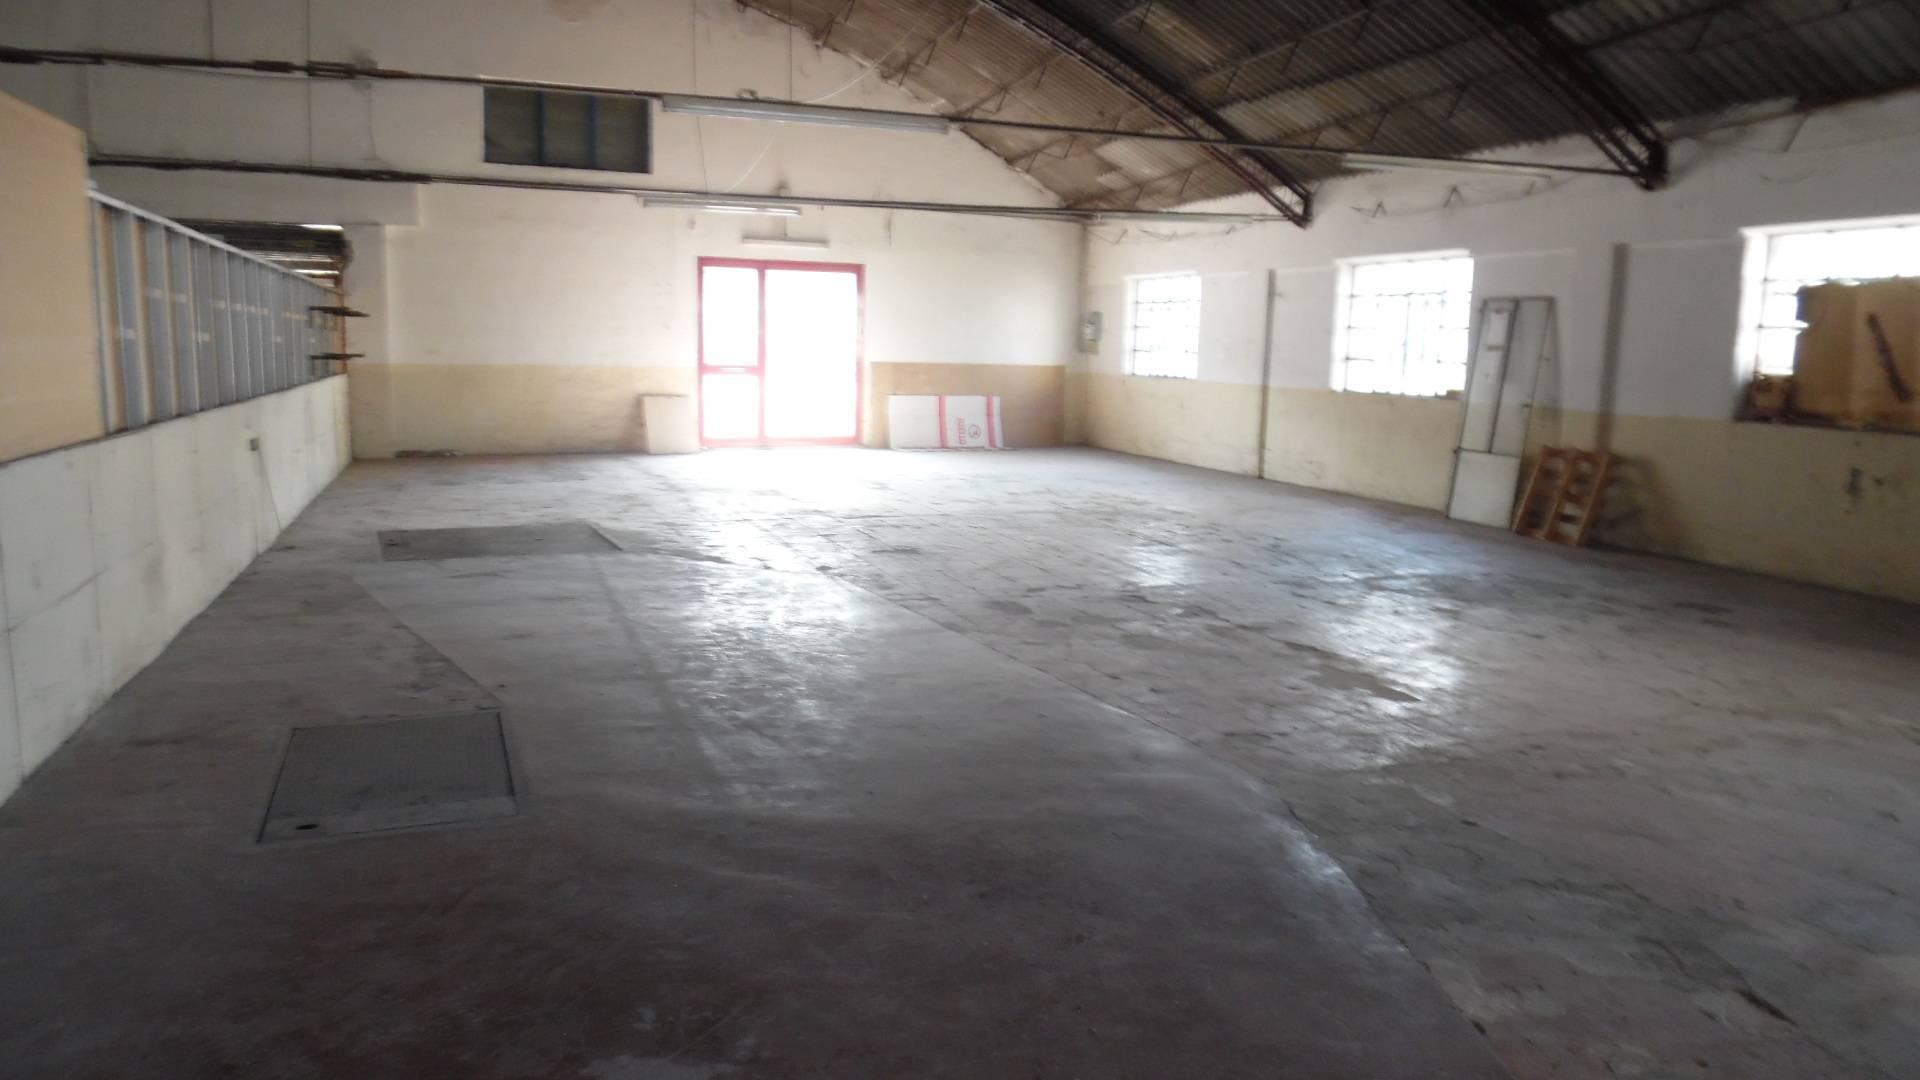 Capannone in vendita a San Benedetto del Tronto, 9999 locali, zona Località: StradaStatale16, Trattative riservate | CambioCasa.it